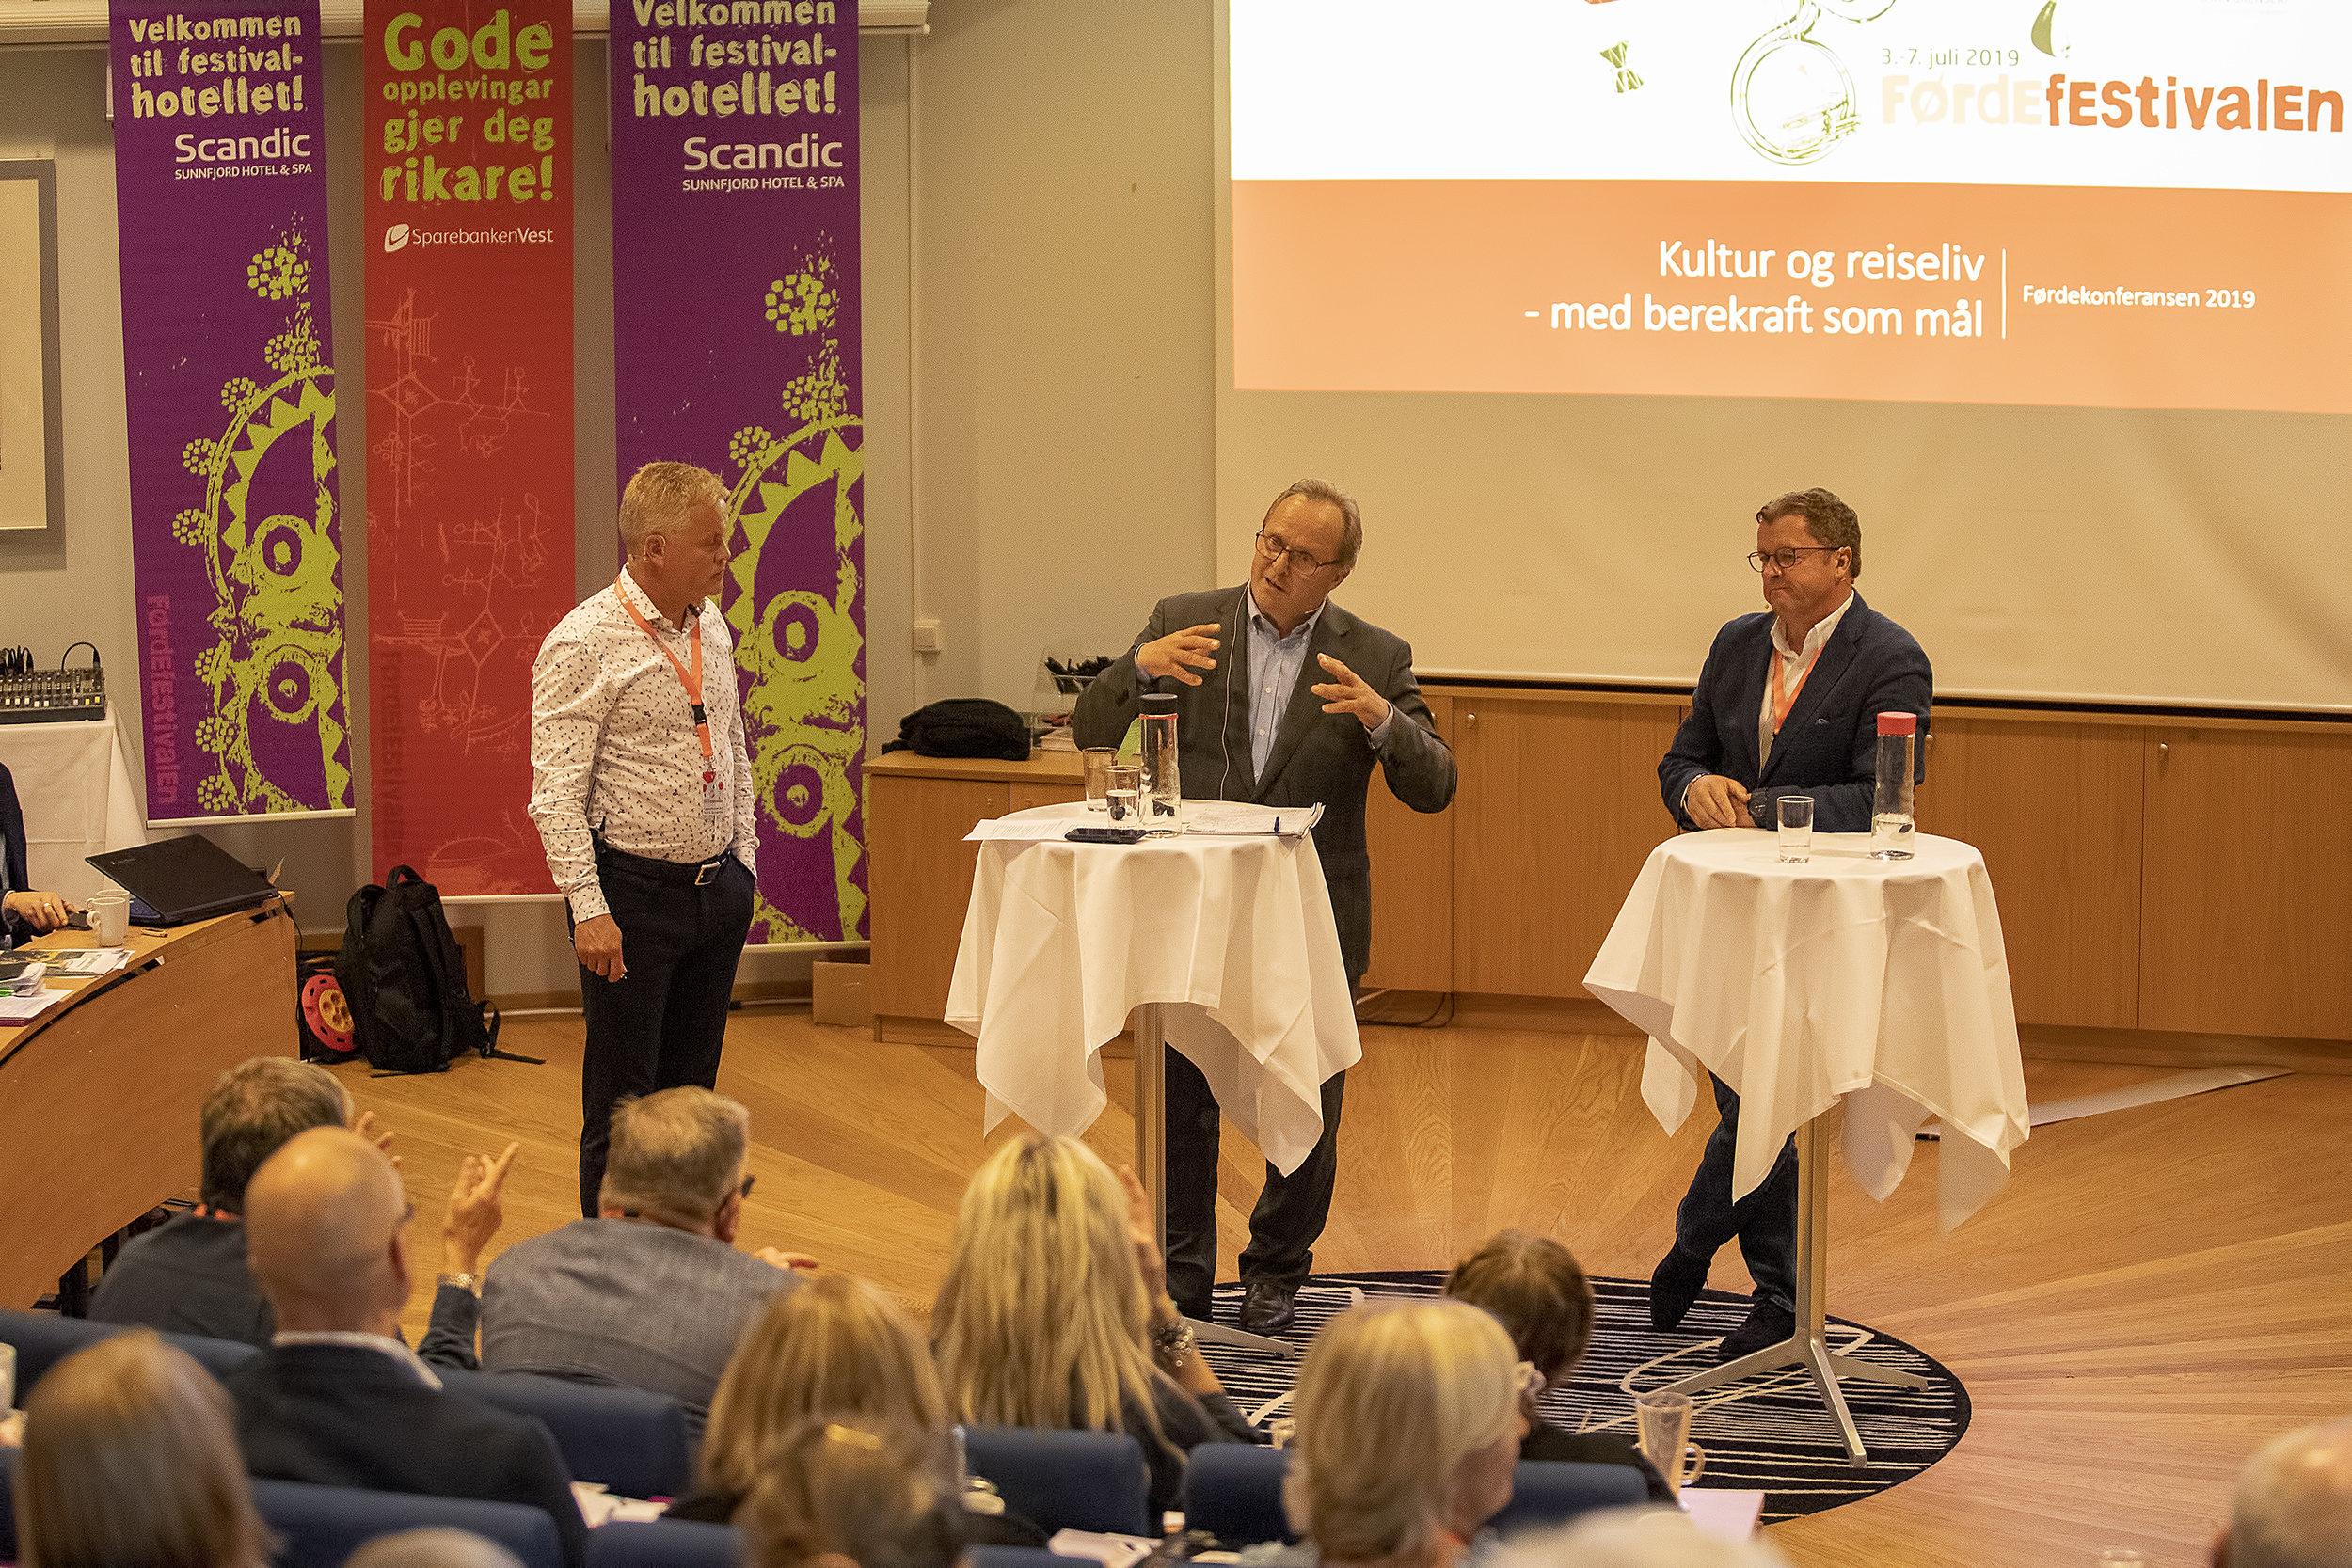 Rolf Sanne Gundersen leia samtalen med Dagfinn Neteland (Fjord1) og Sigurd Kvikne. Foto: Espen Stensvoll.